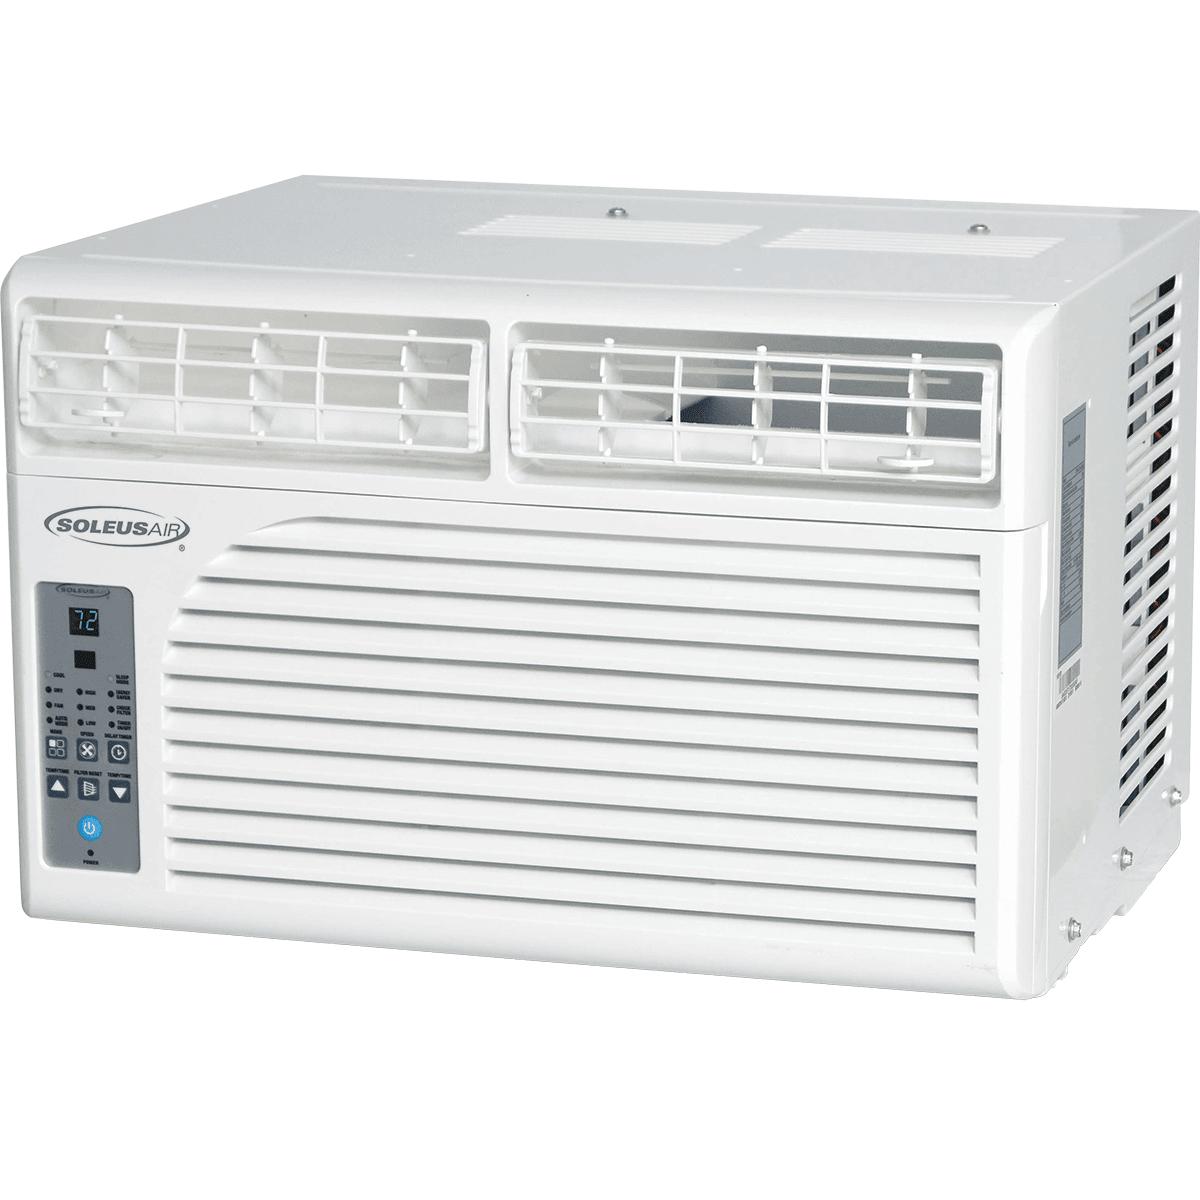 Soleus Air 10,200 BTU Window Air Conditioner WS1-10E-01